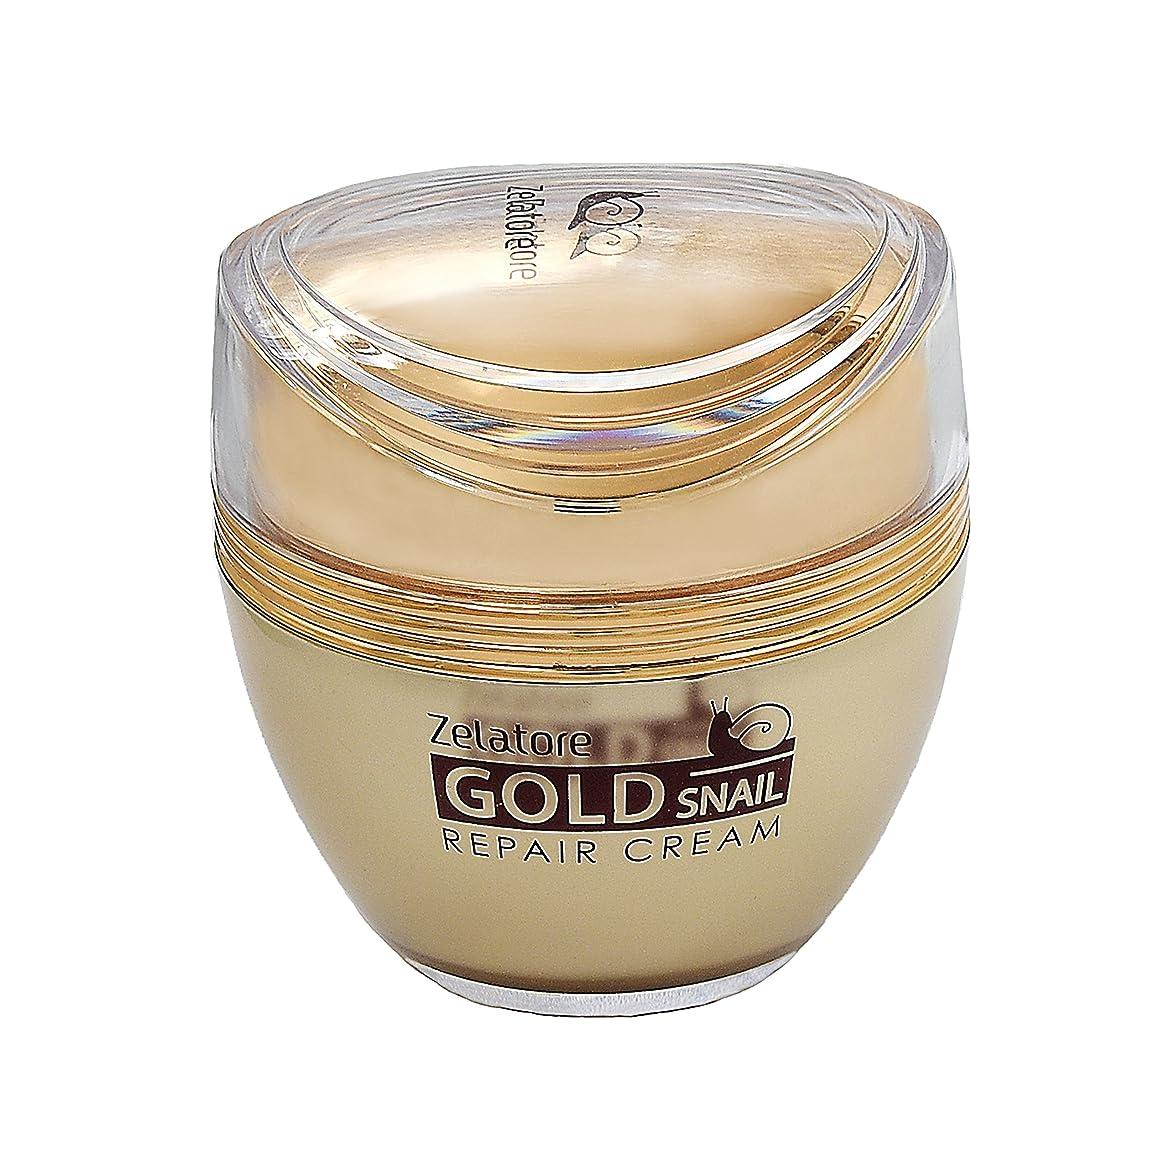 セッティングクラブ関連付けるZelatore Gold Snail Repair Cream - 50ml (美白/シワ改善の二重機能性化粧品)